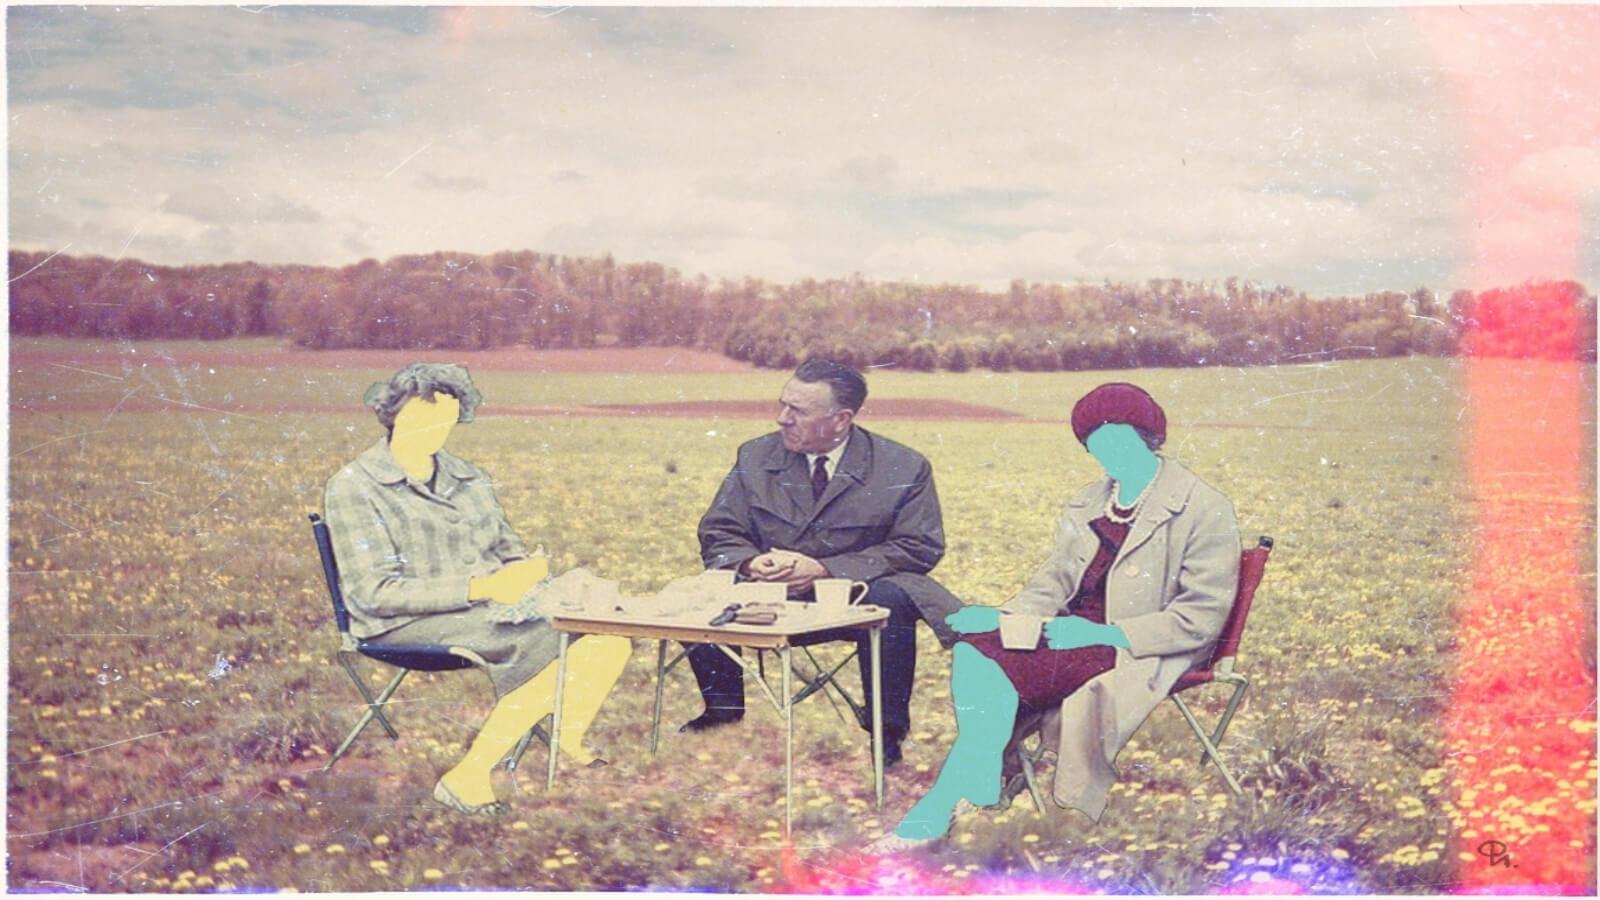 Las obras surrealistas de Woodcum